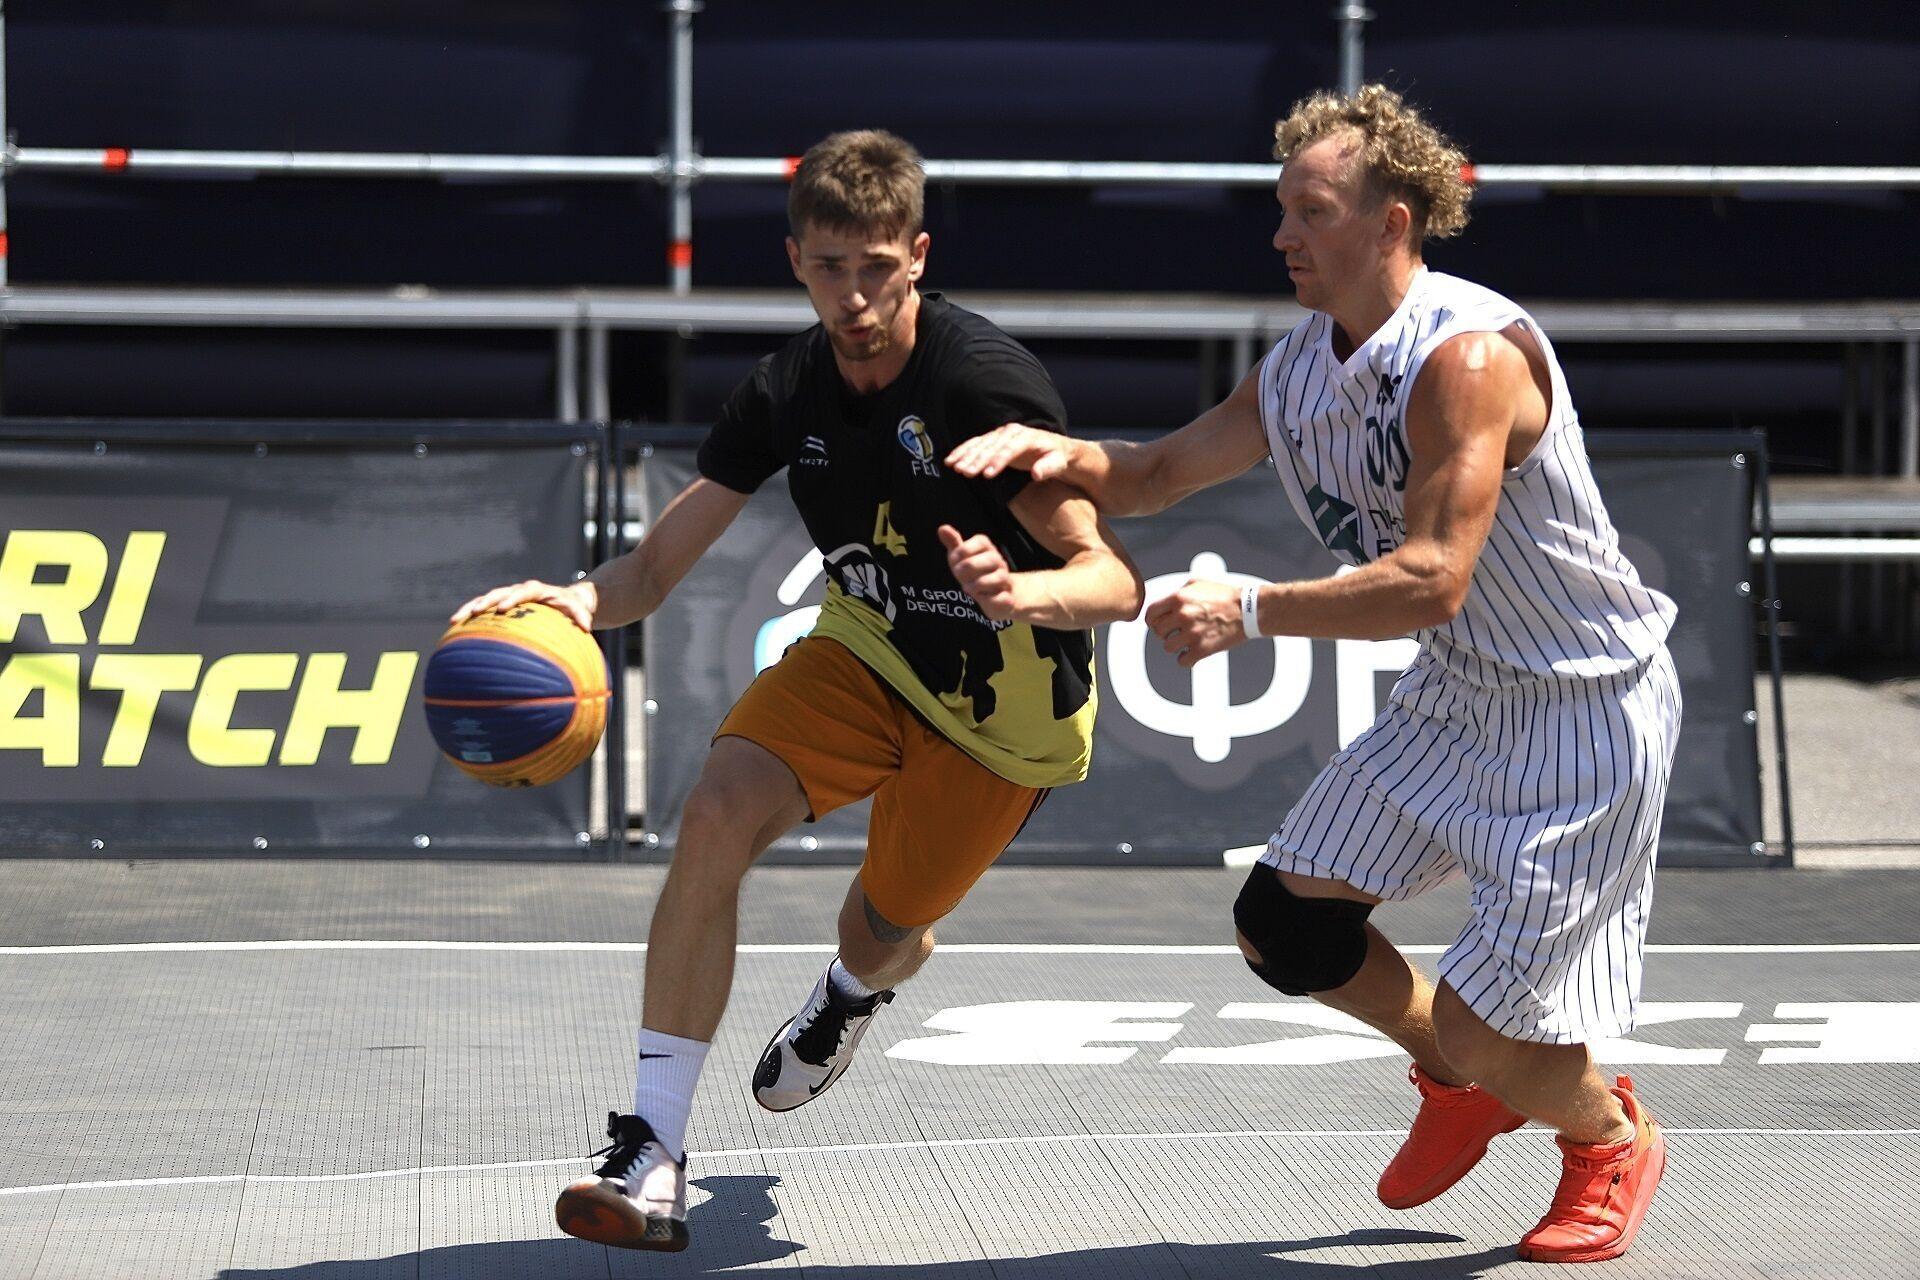 Определились победители второго этапа чемпионата Украины по баскетболу 3х3